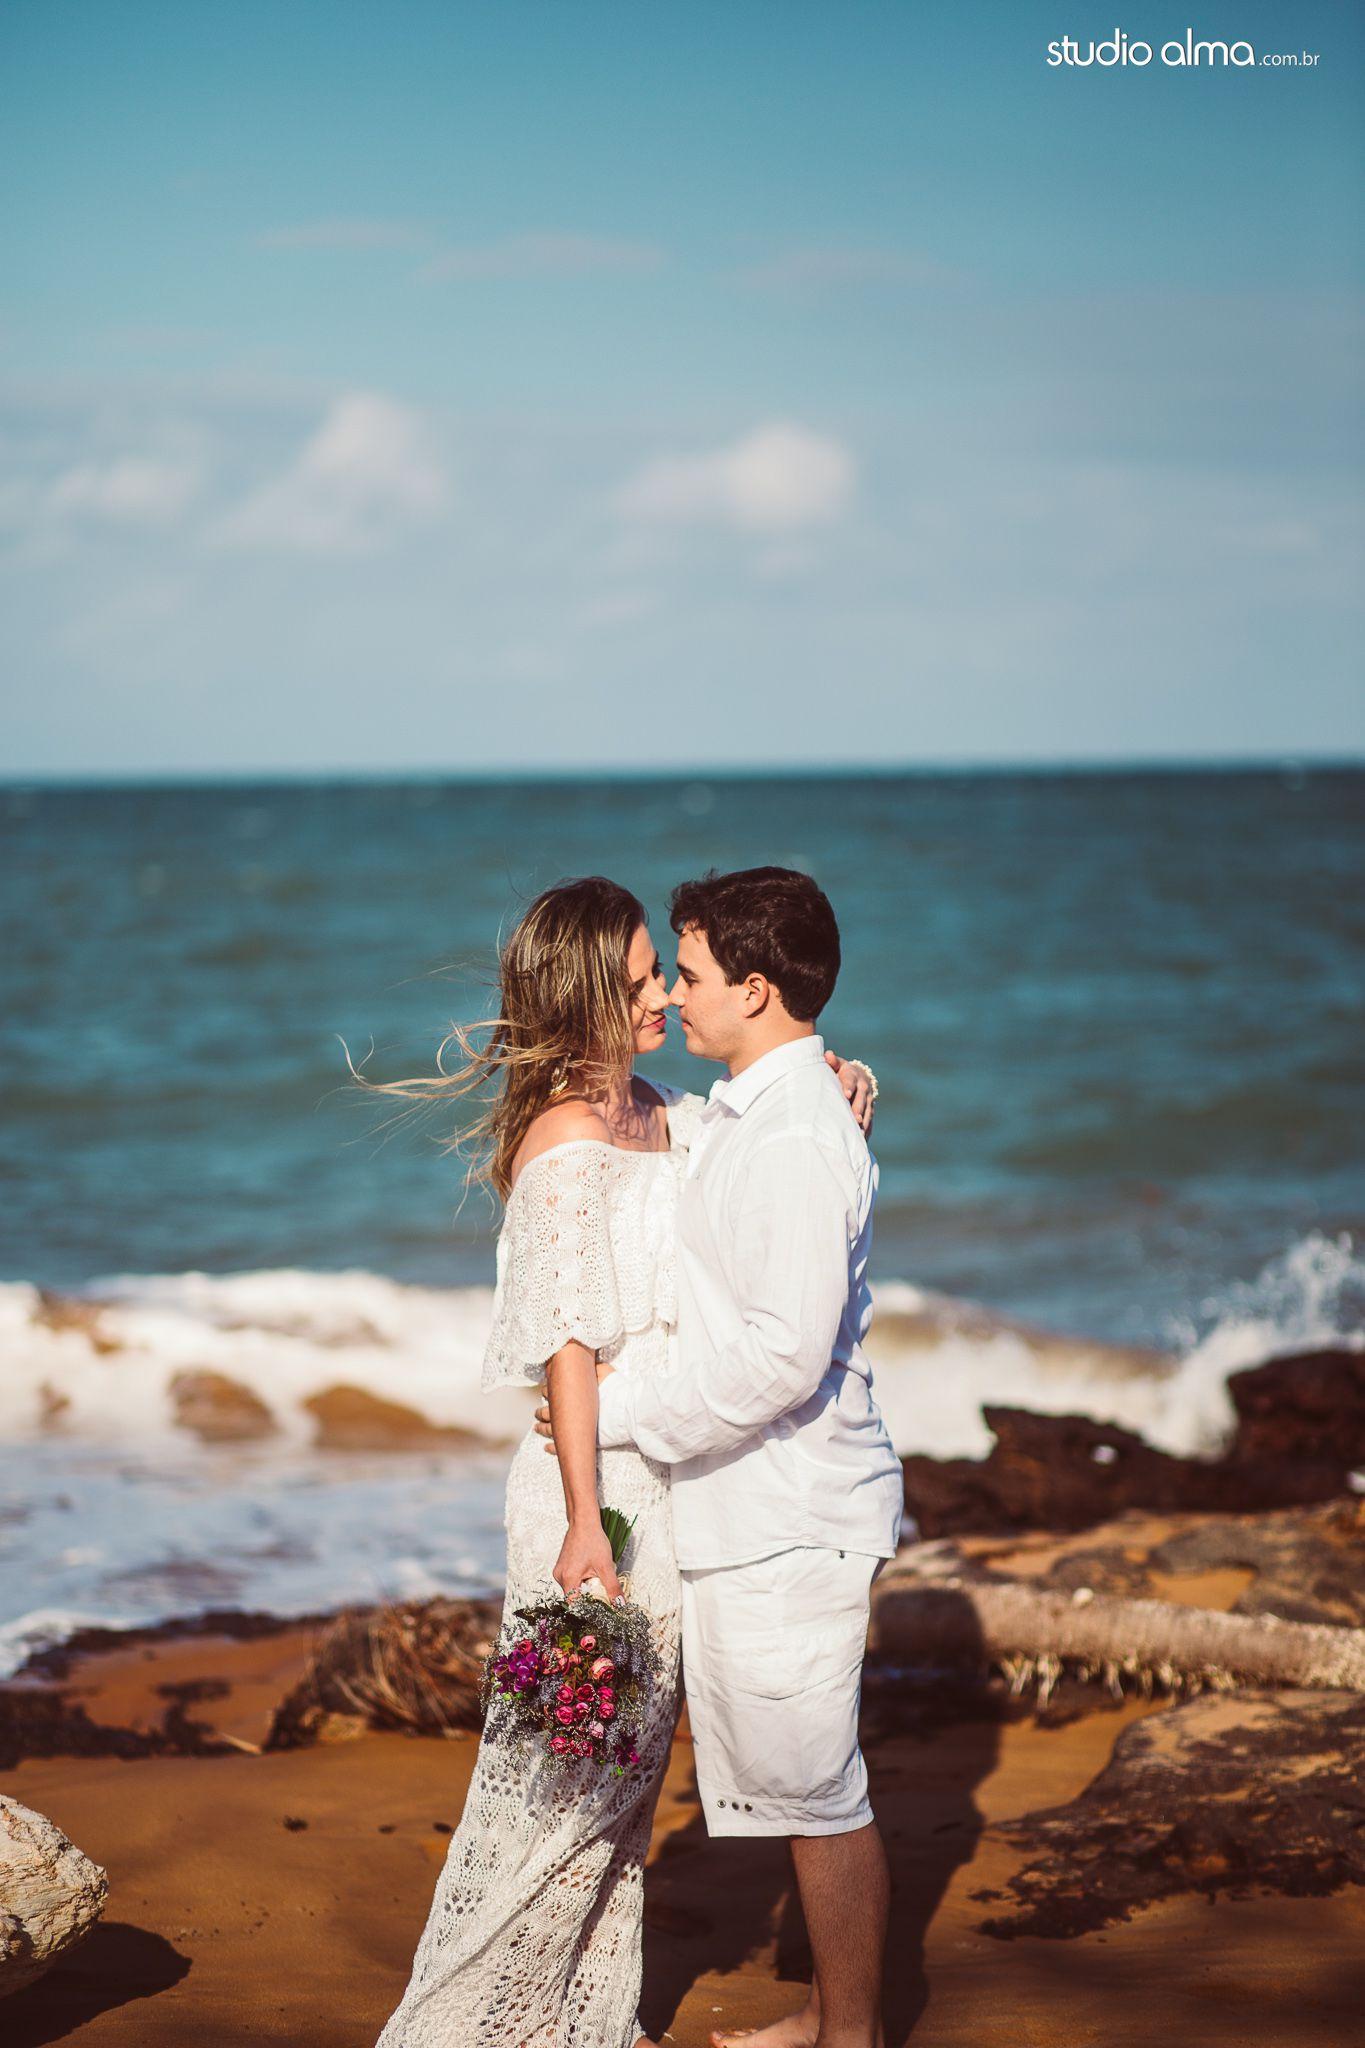 Letícia-André-E-Session-19 Romance e Felicidade - Letícia e André | ensaio pré-wedding